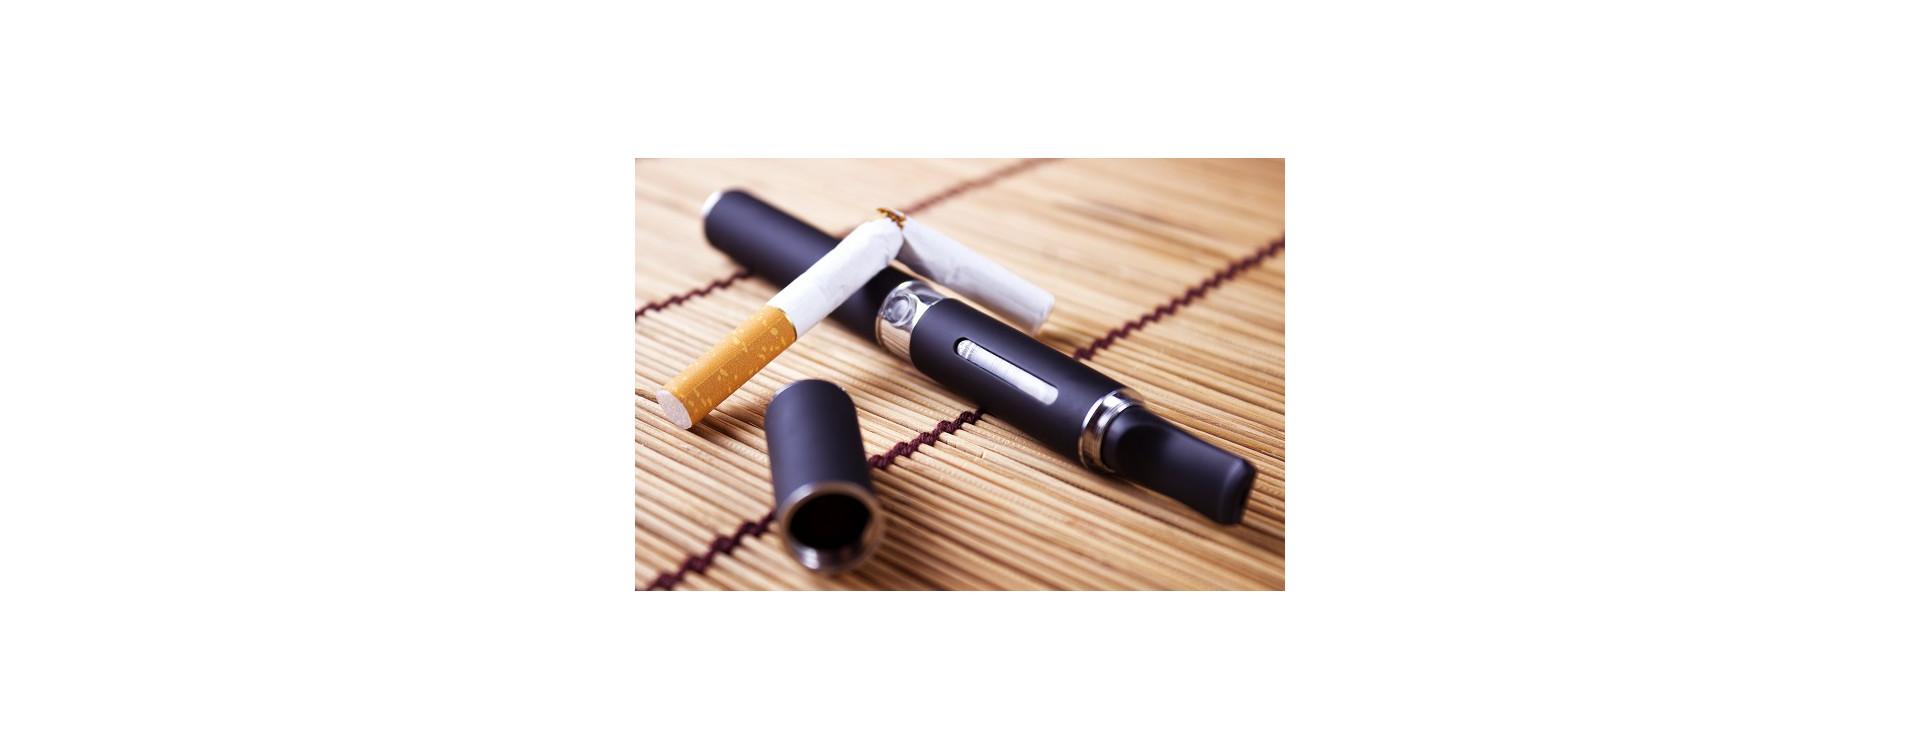 Vapotestyle | Comment arrêter de fumer grâce au vapotage ?